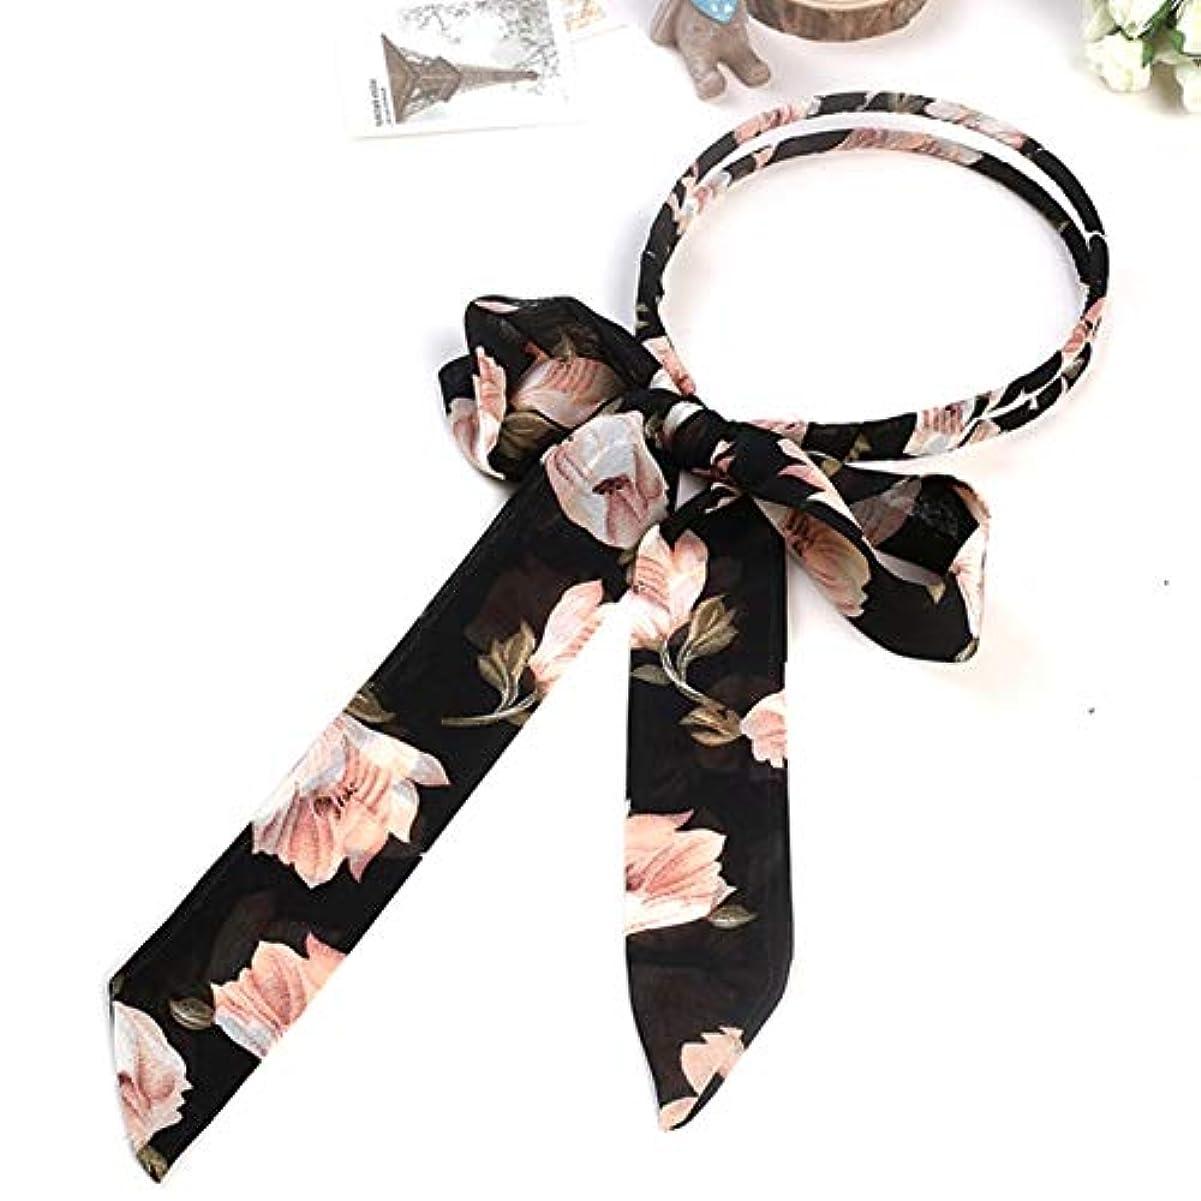 繕う合唱団シャンパンサリーの店 便利なデザイン韓国女性スウィート女の子ボウヘアヘッドバンド編み花弓の結び目リボン毛フープ(None 5)